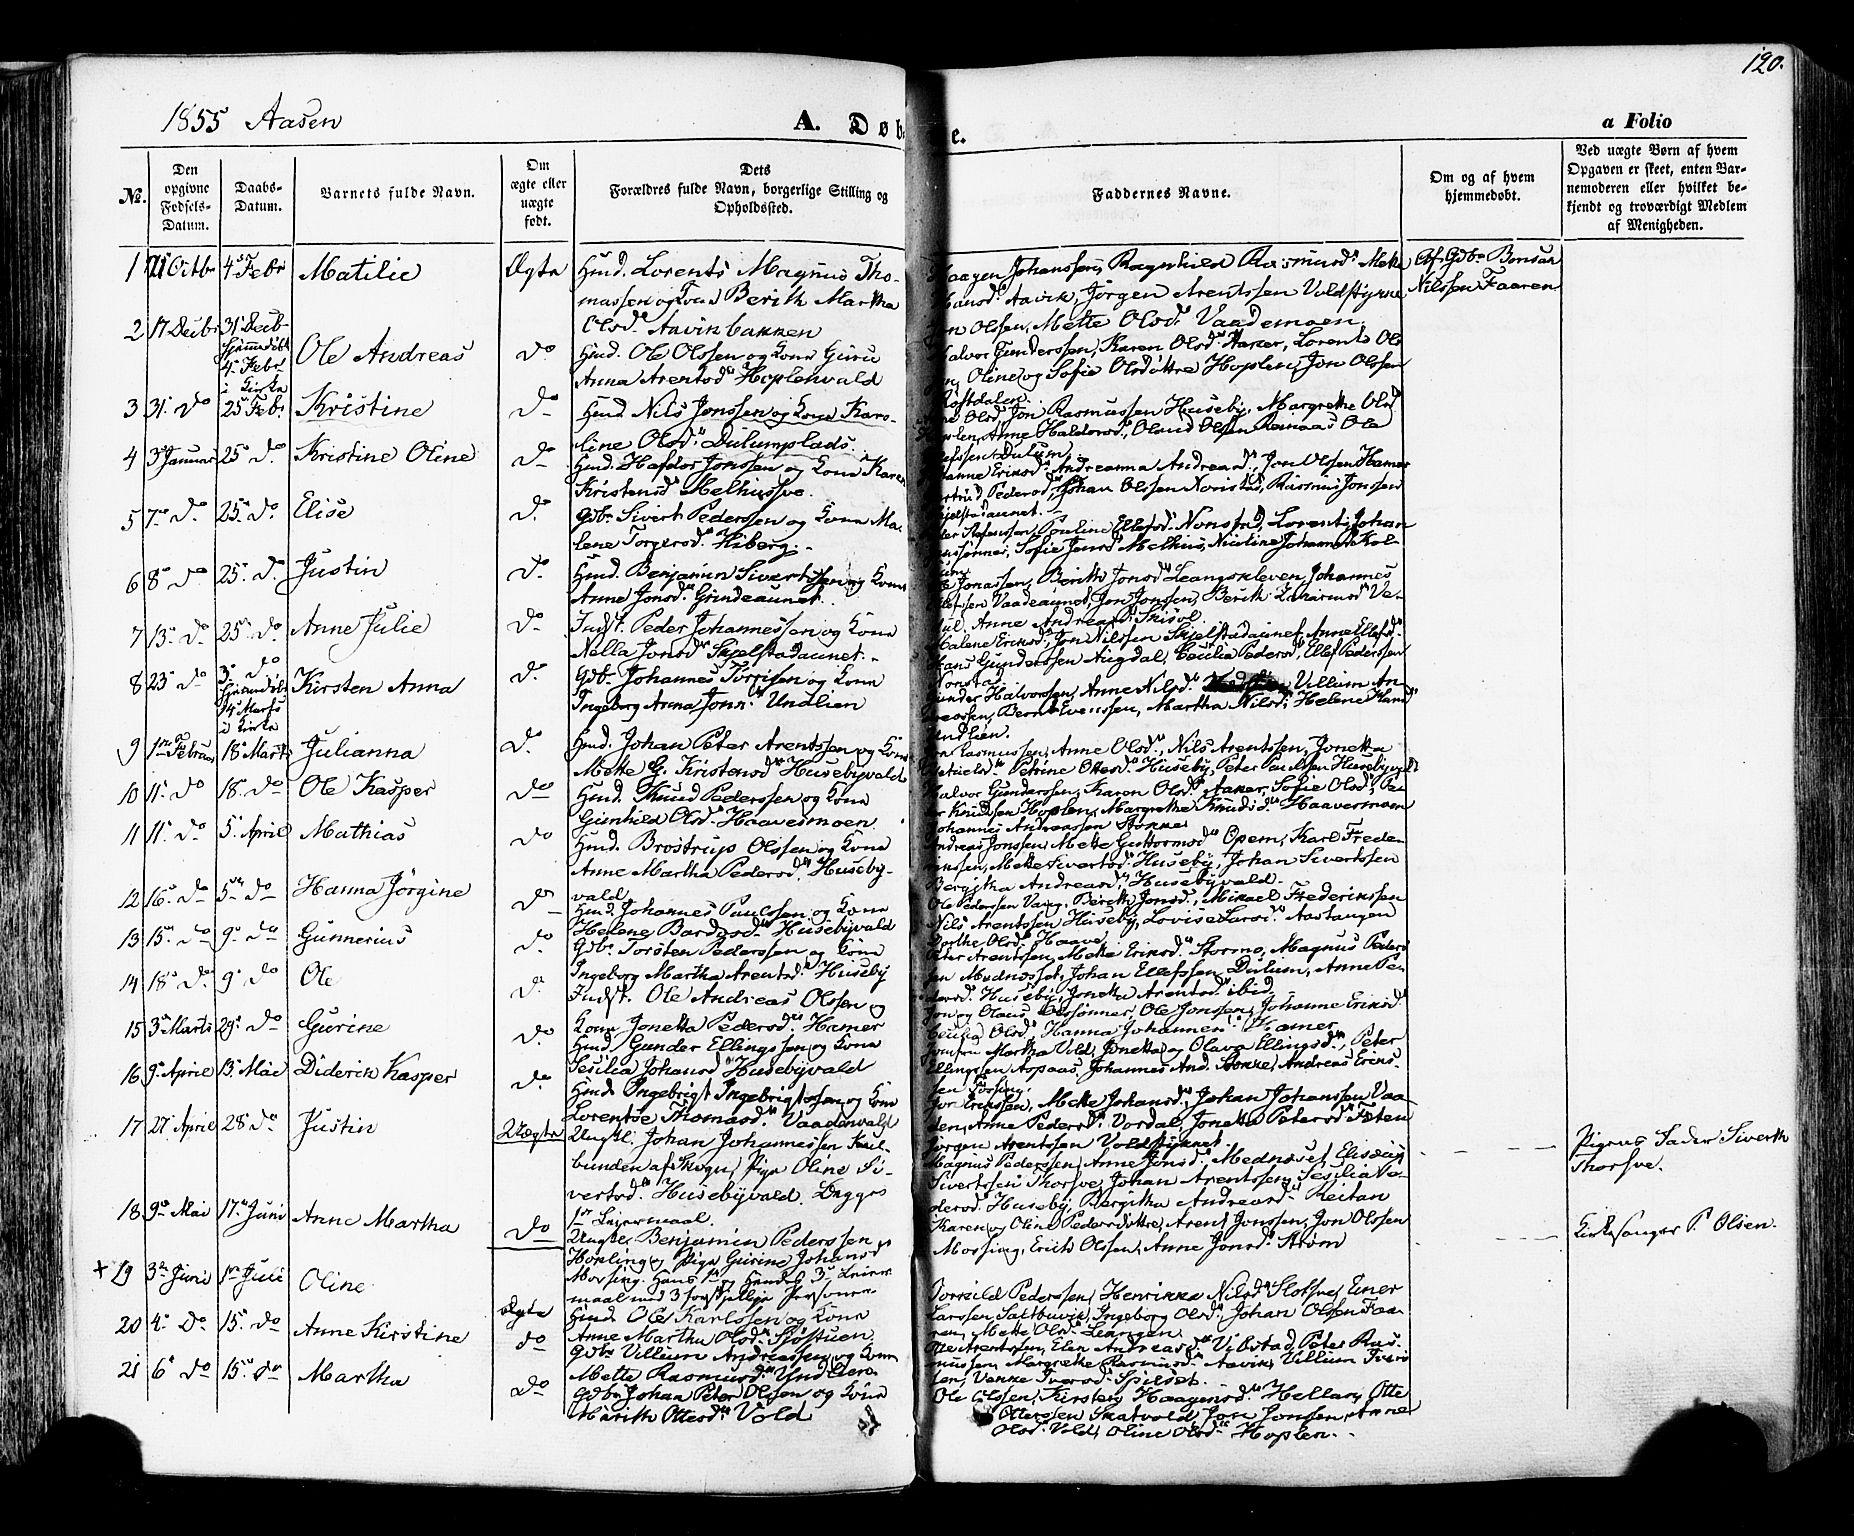 SAT, Ministerialprotokoller, klokkerbøker og fødselsregistre - Nord-Trøndelag, 713/L0116: Ministerialbok nr. 713A07 /2, 1850-1877, s. 120